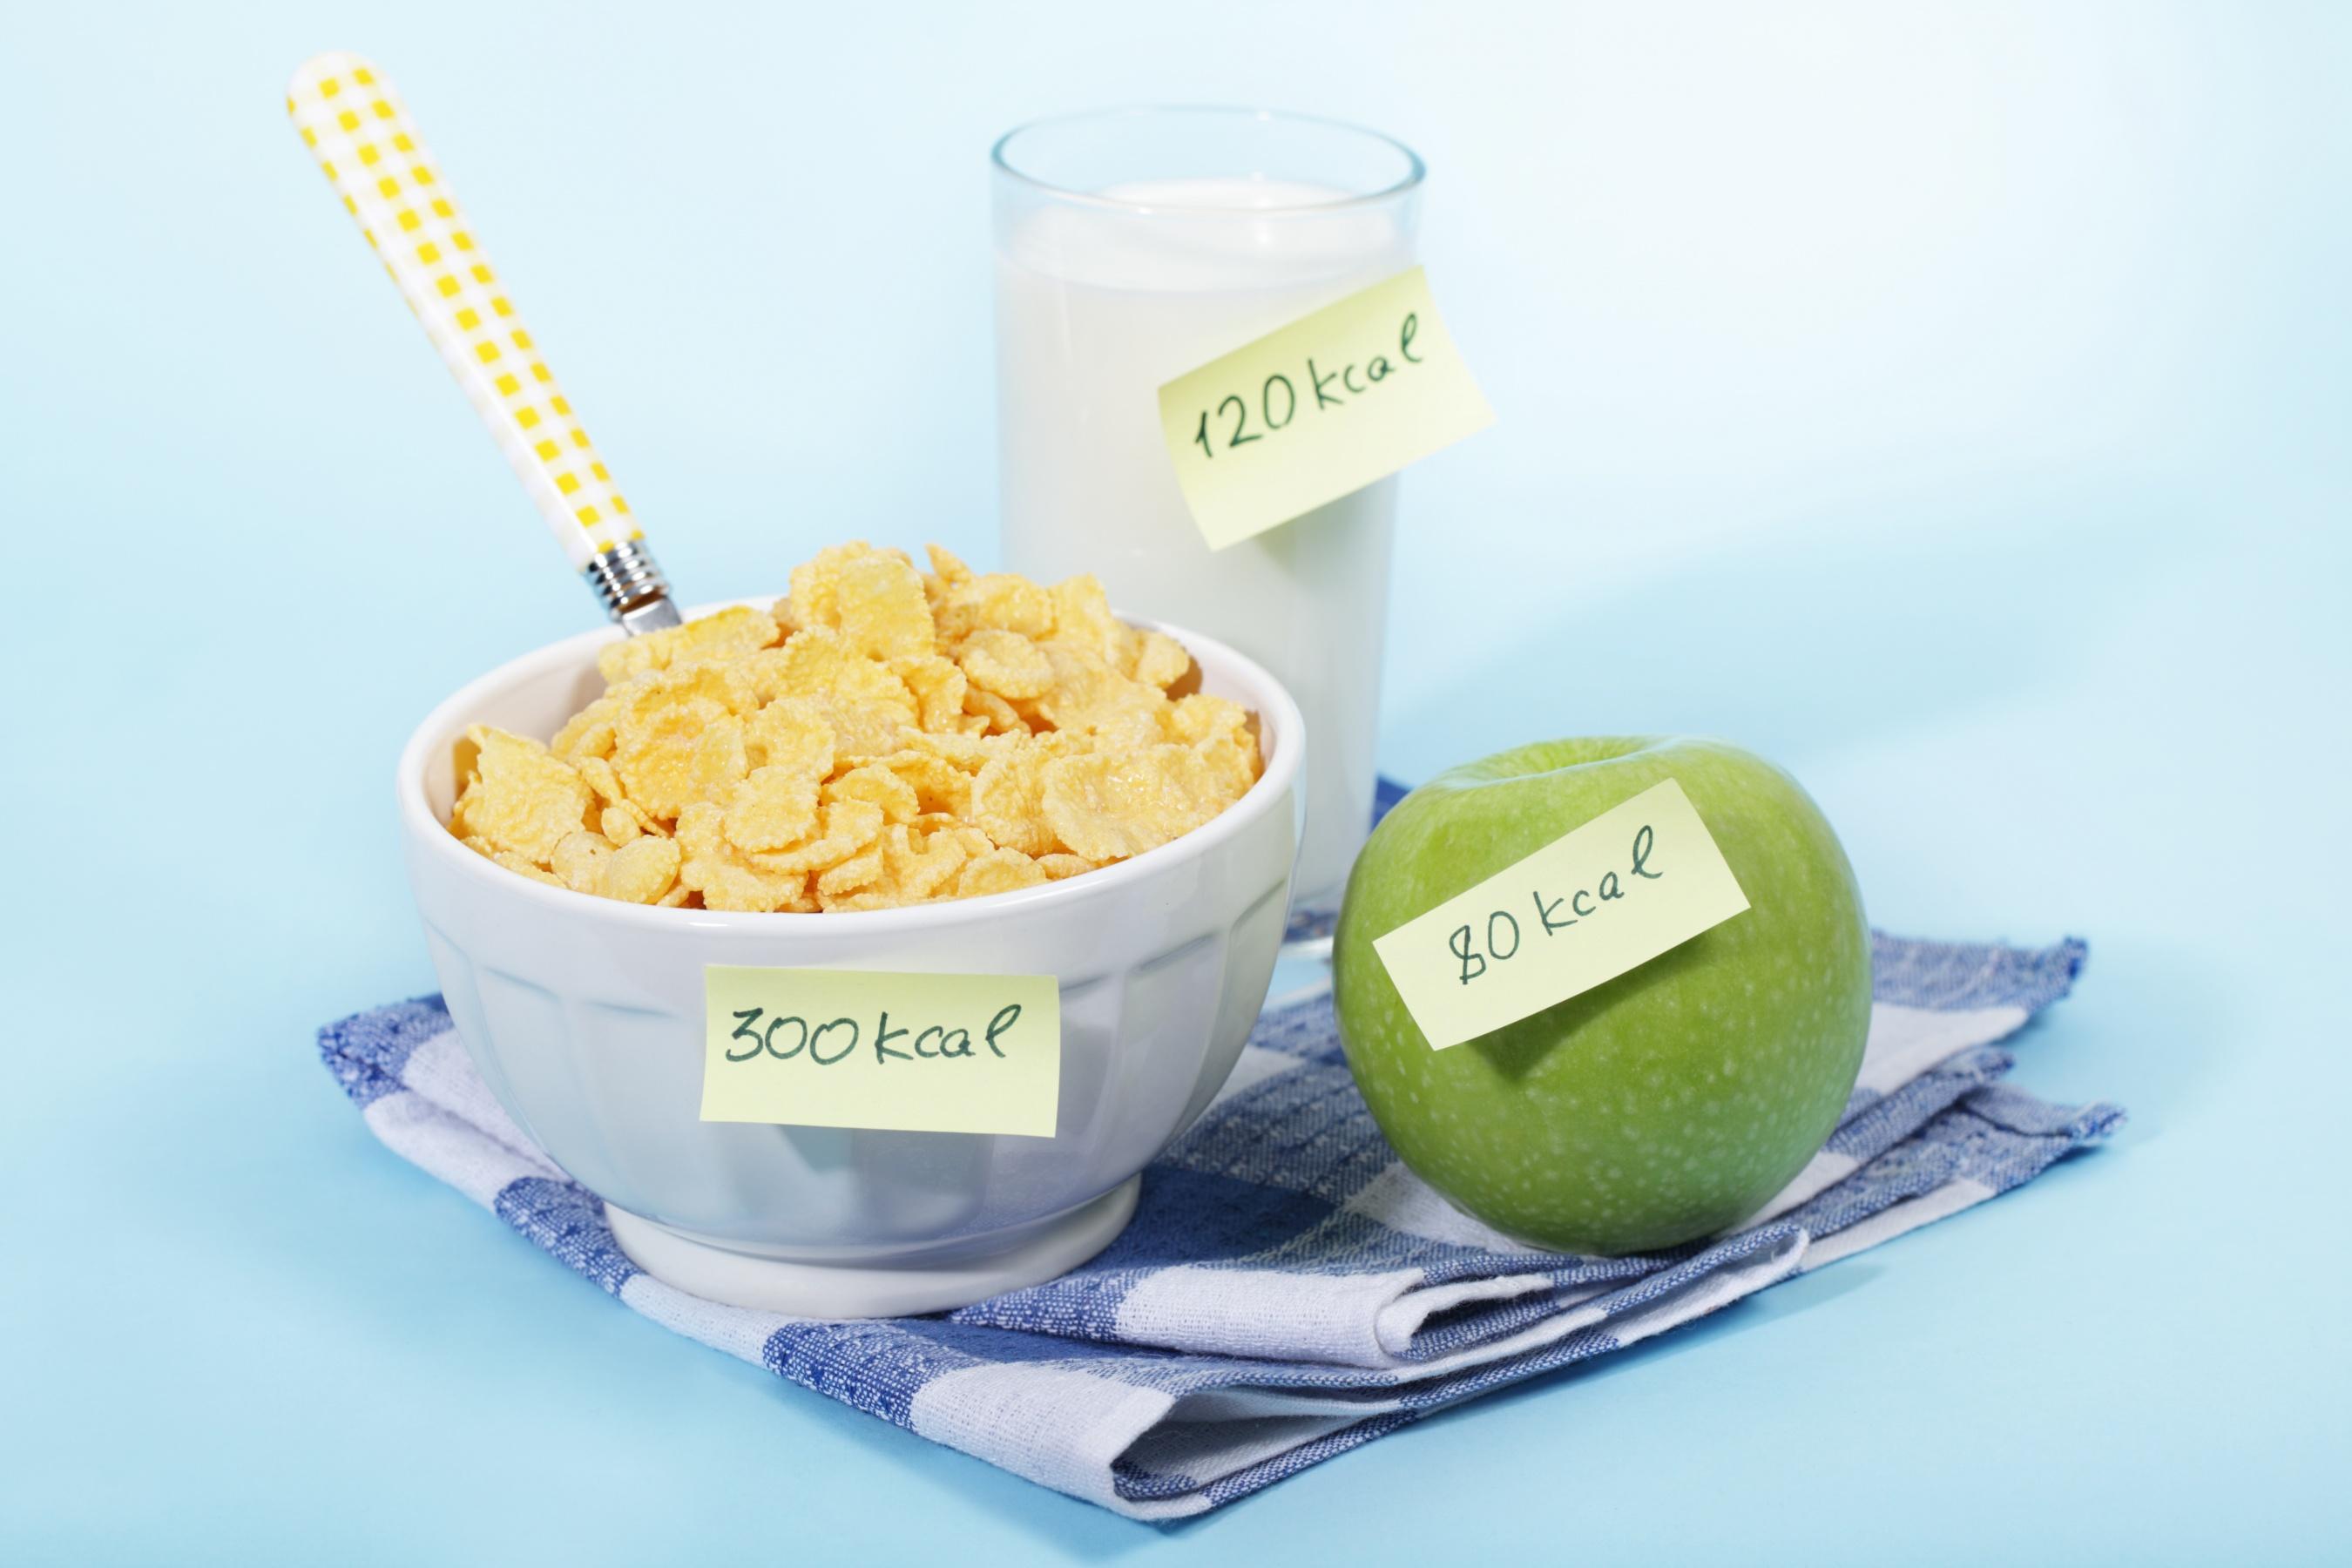 калории в сутки для похудения